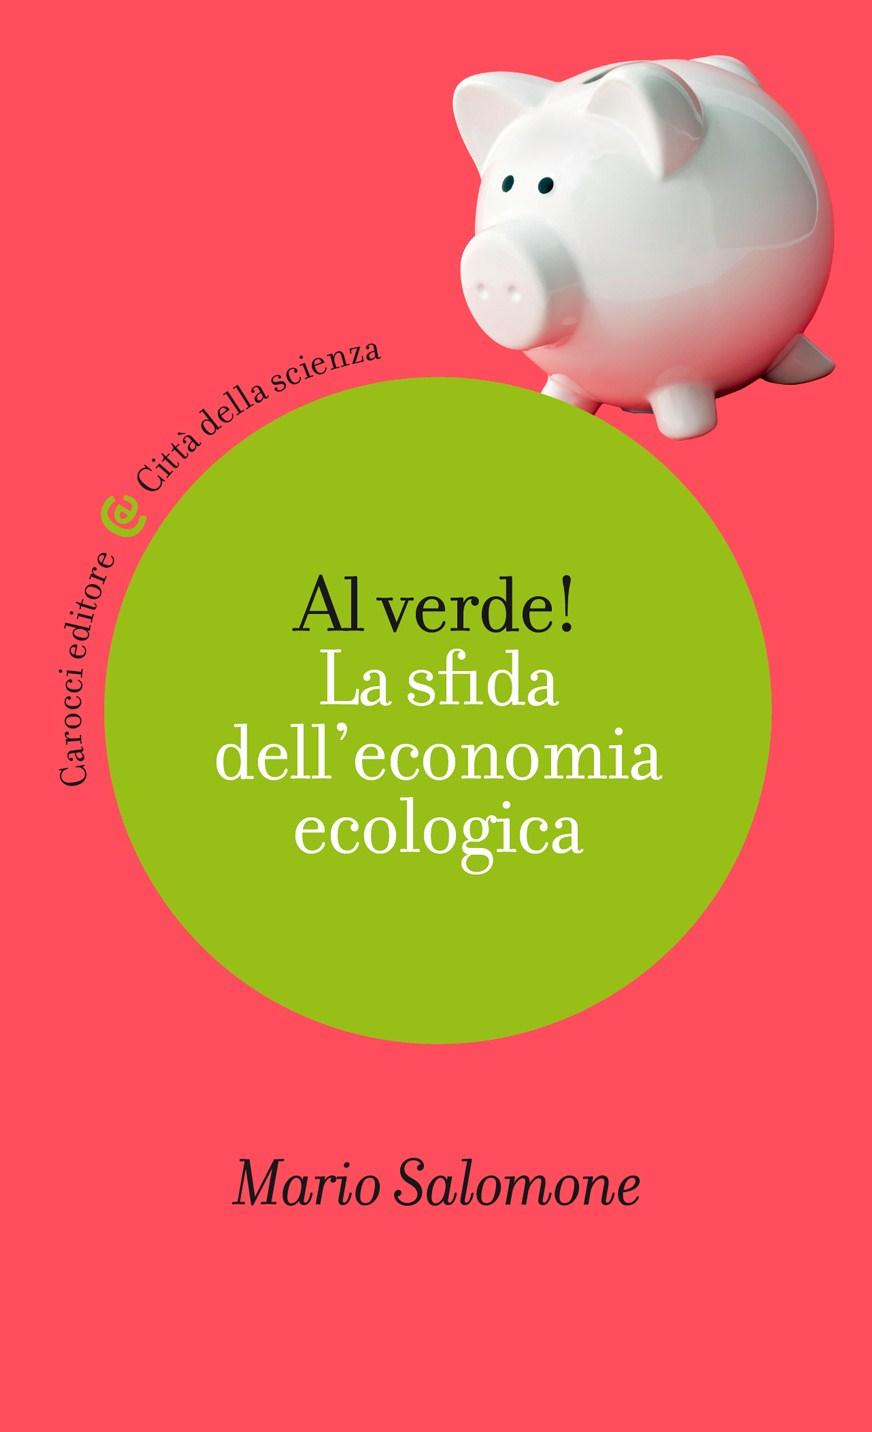 La sfida dell'economia ecologica: se ne parla lunedì 23 a Torino